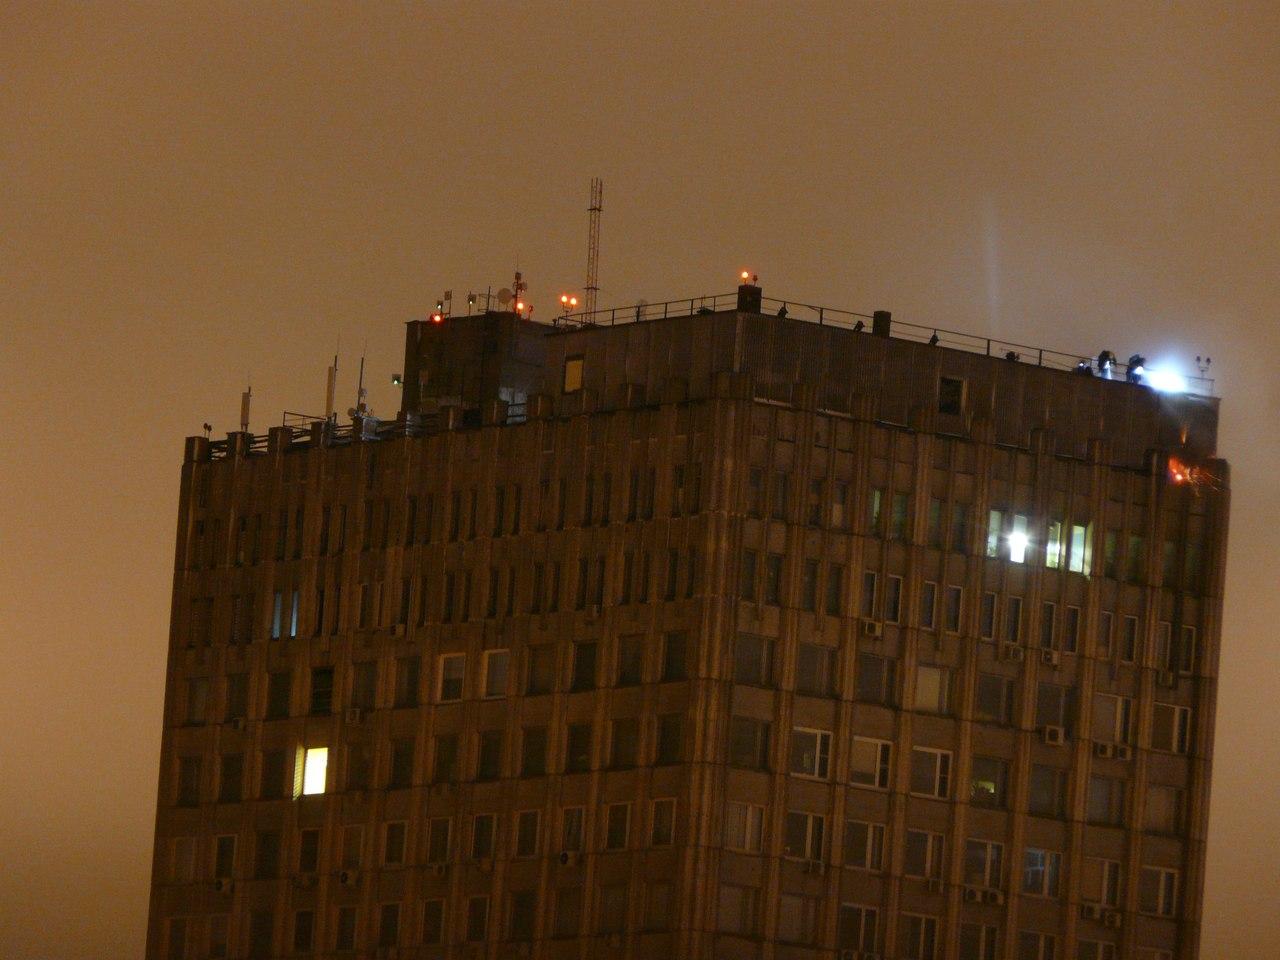 """Photo of На северо-востоке Москвы загорелось здание """"Мосгипротранса""""  На северо-востоке Москвы загорелось здание """"Мосгипротранса"""" 253"""